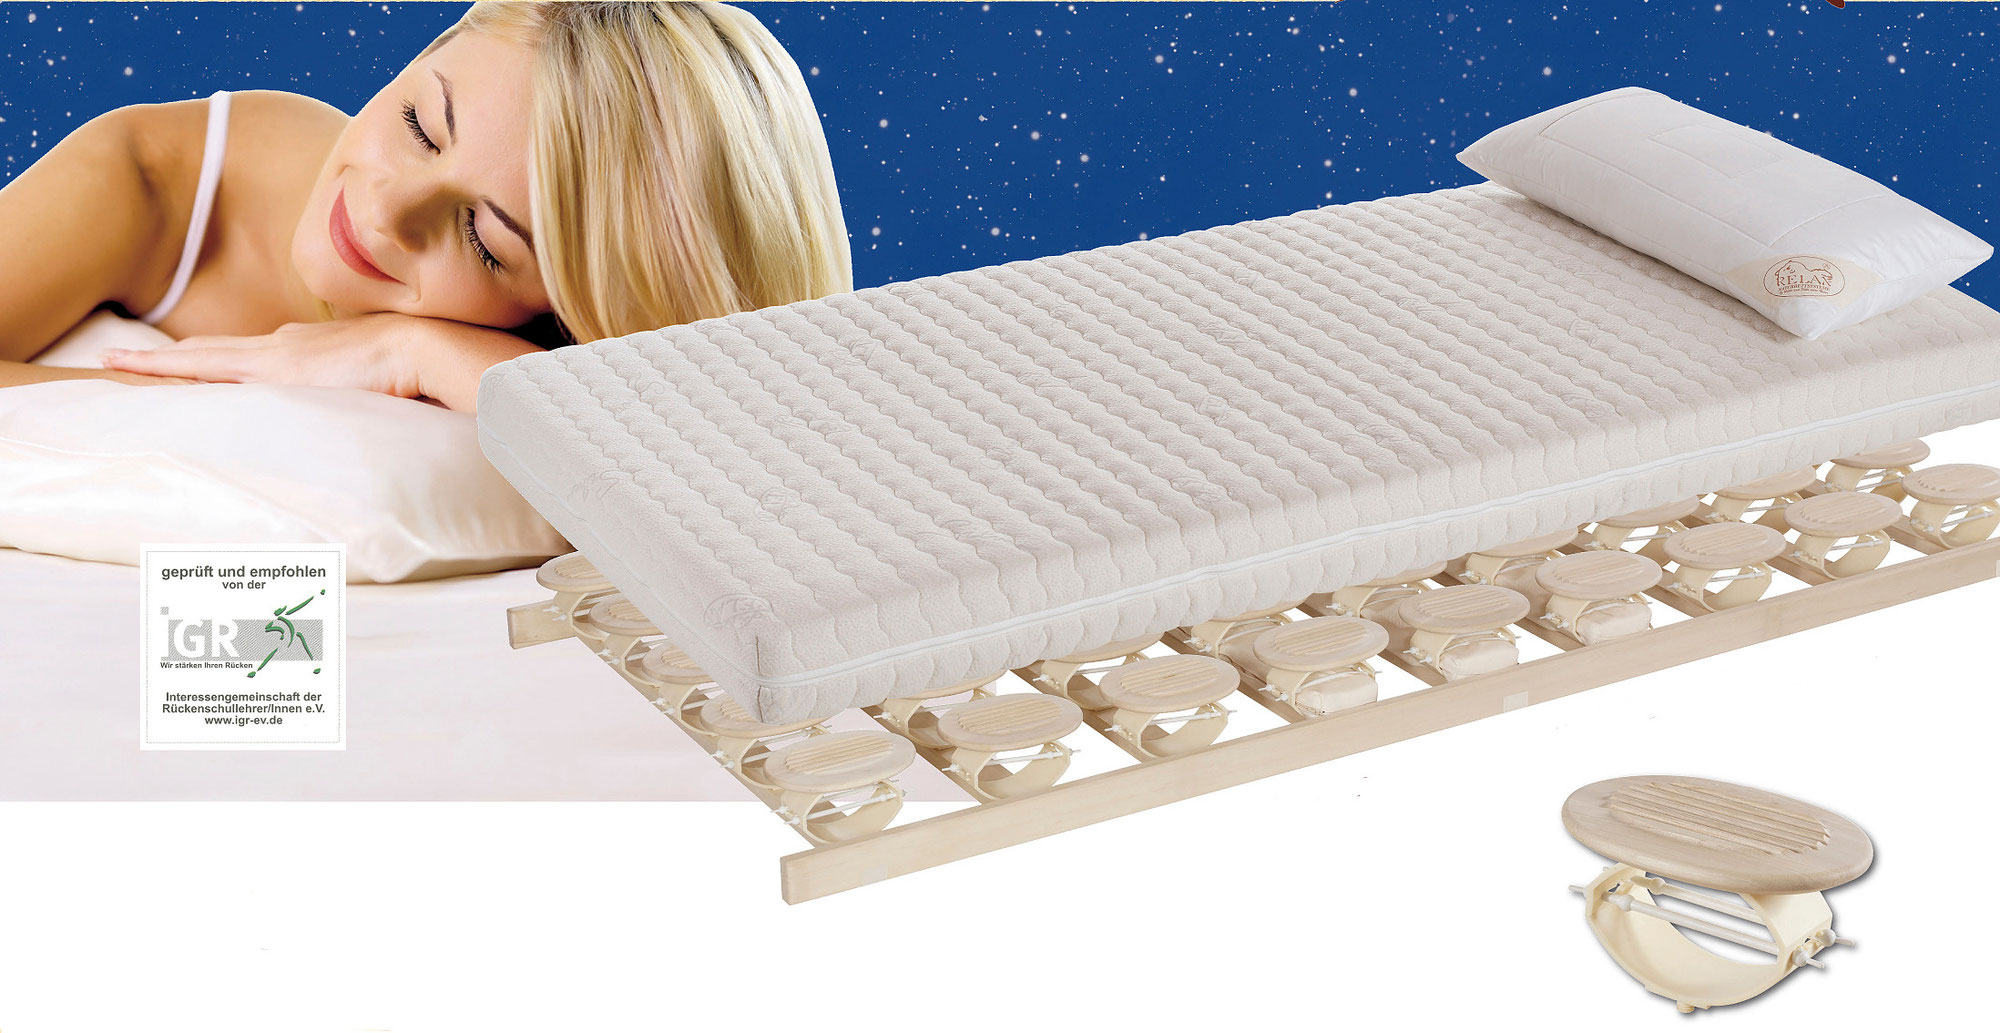 impressum bei reingruber gesund schlafen. Black Bedroom Furniture Sets. Home Design Ideas